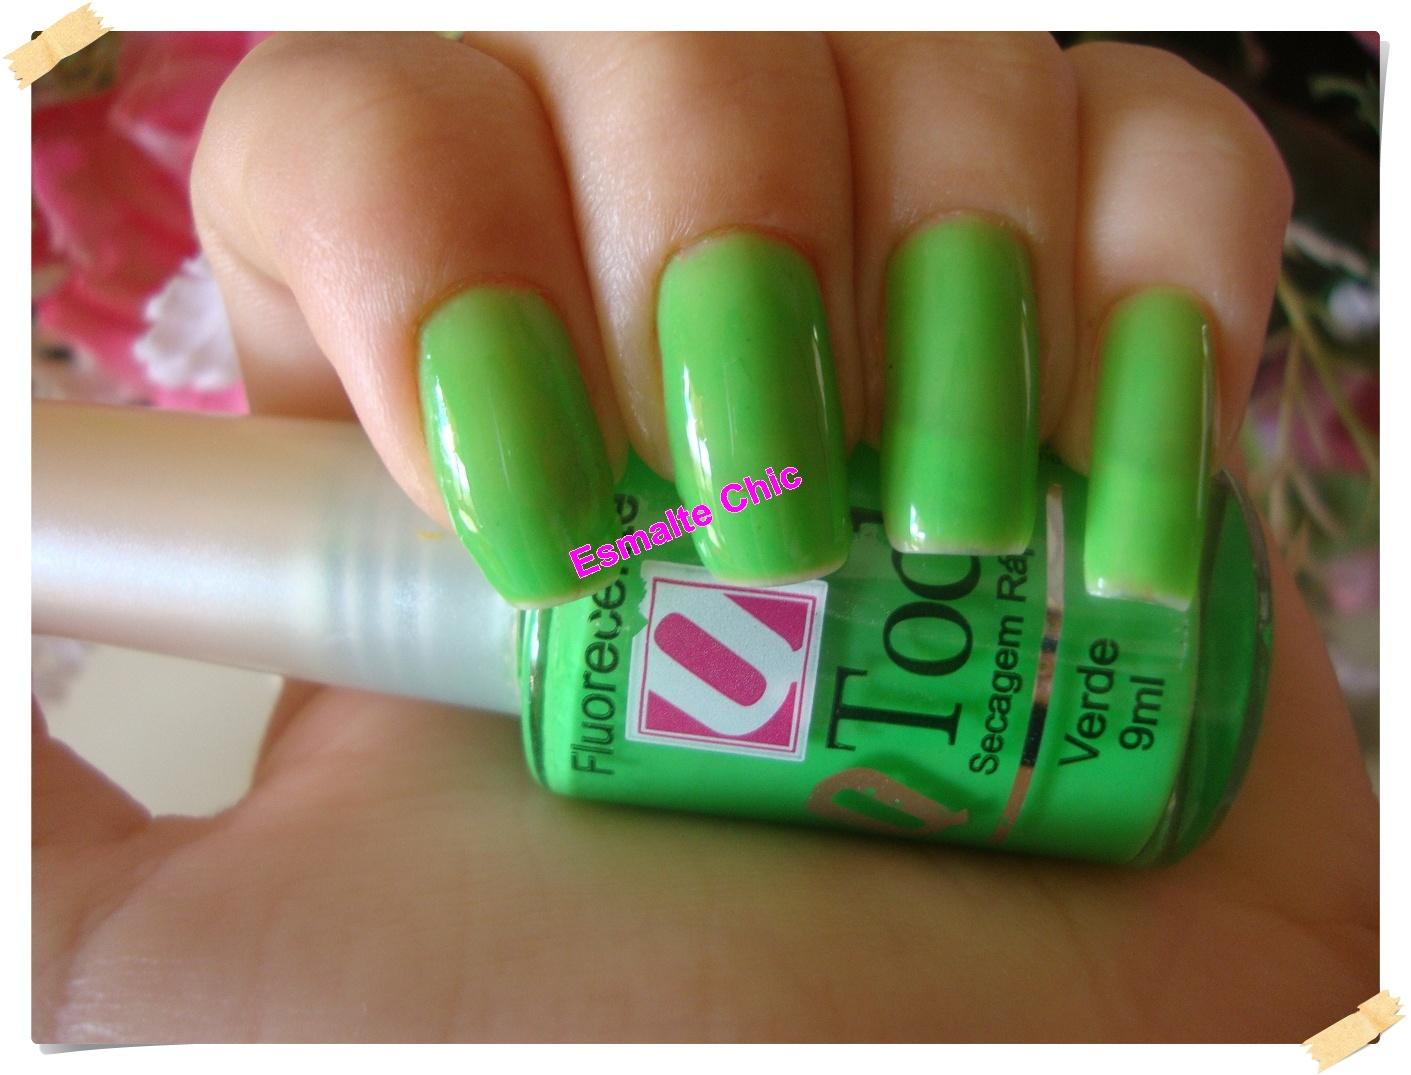 http://1.bp.blogspot.com/-q1MVn5aakyI/T32vgivBOQI/AAAAAAAAAfQ/5vvElXi8dz8/s1600/verde+fluorescente.jpg